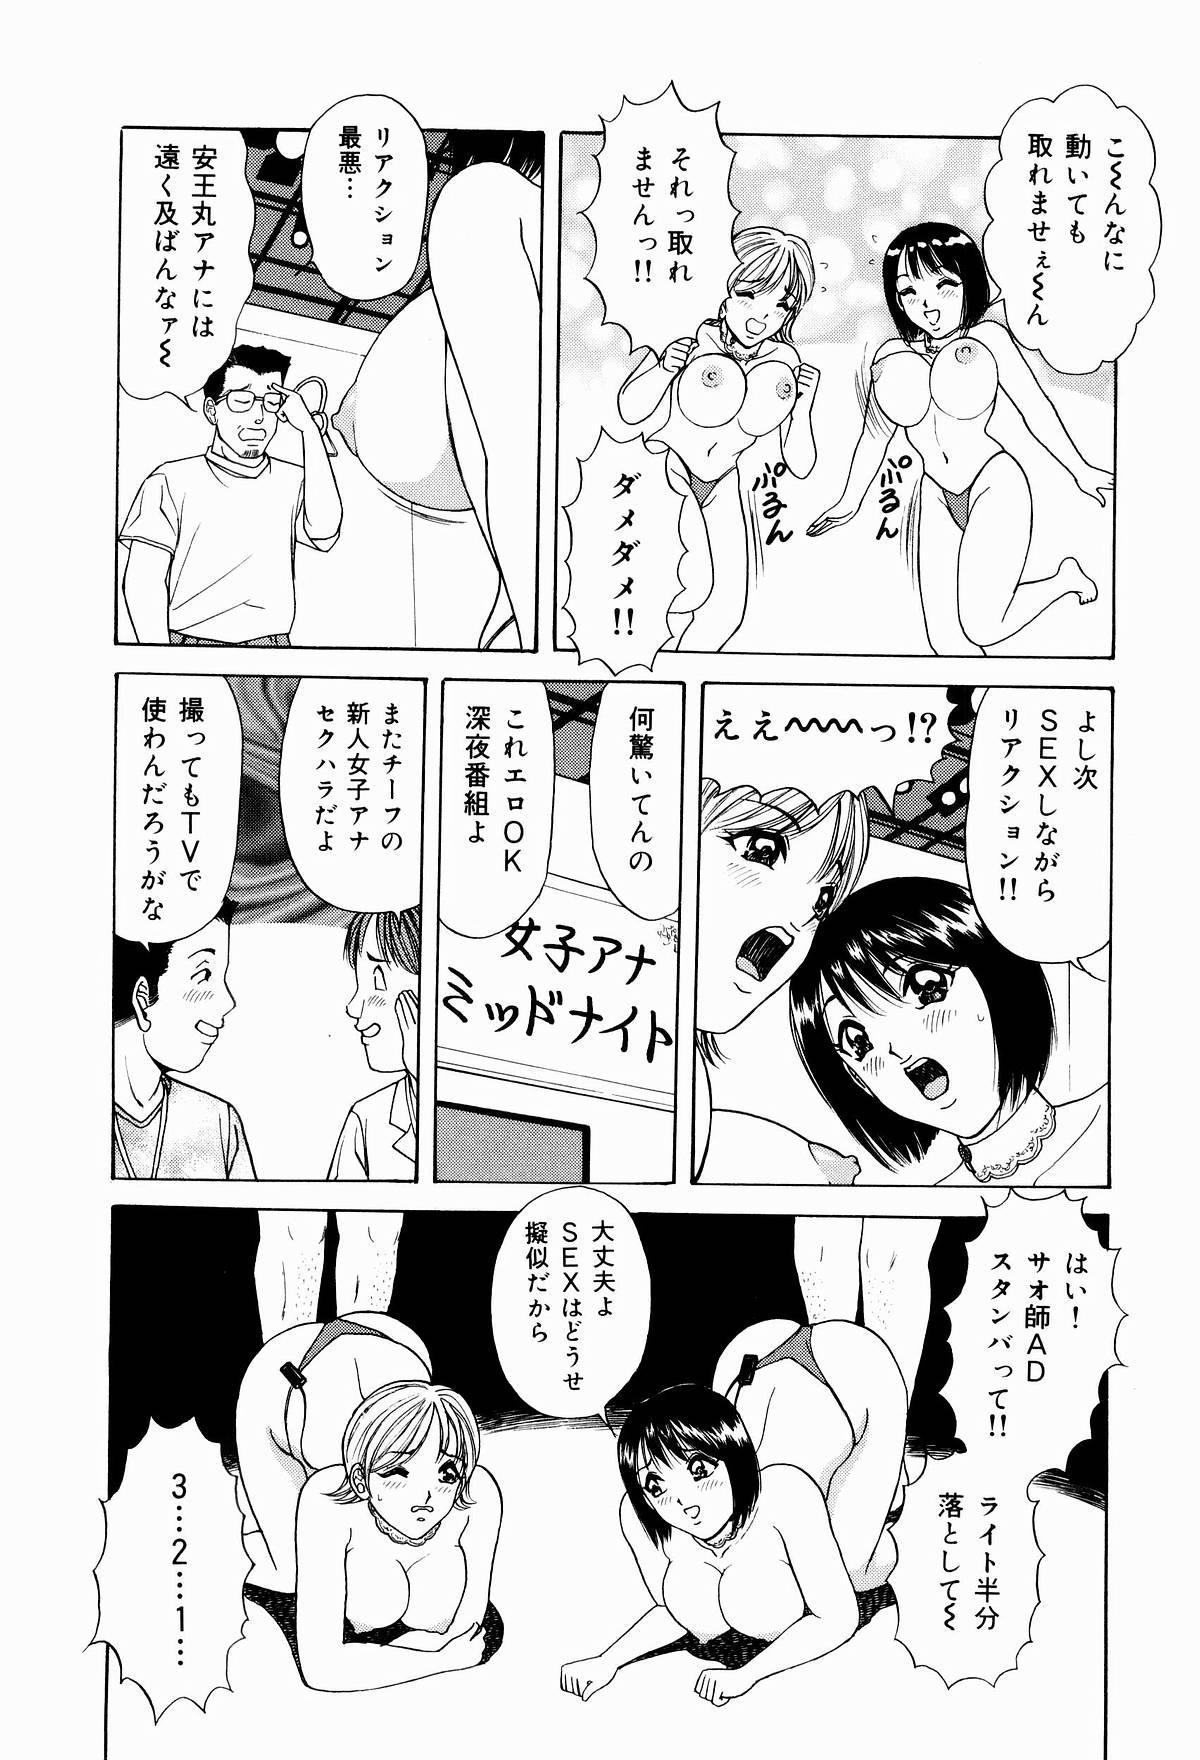 Kyonyuu Ana Konose Rie Suikappu Kiki Ippatsu 29